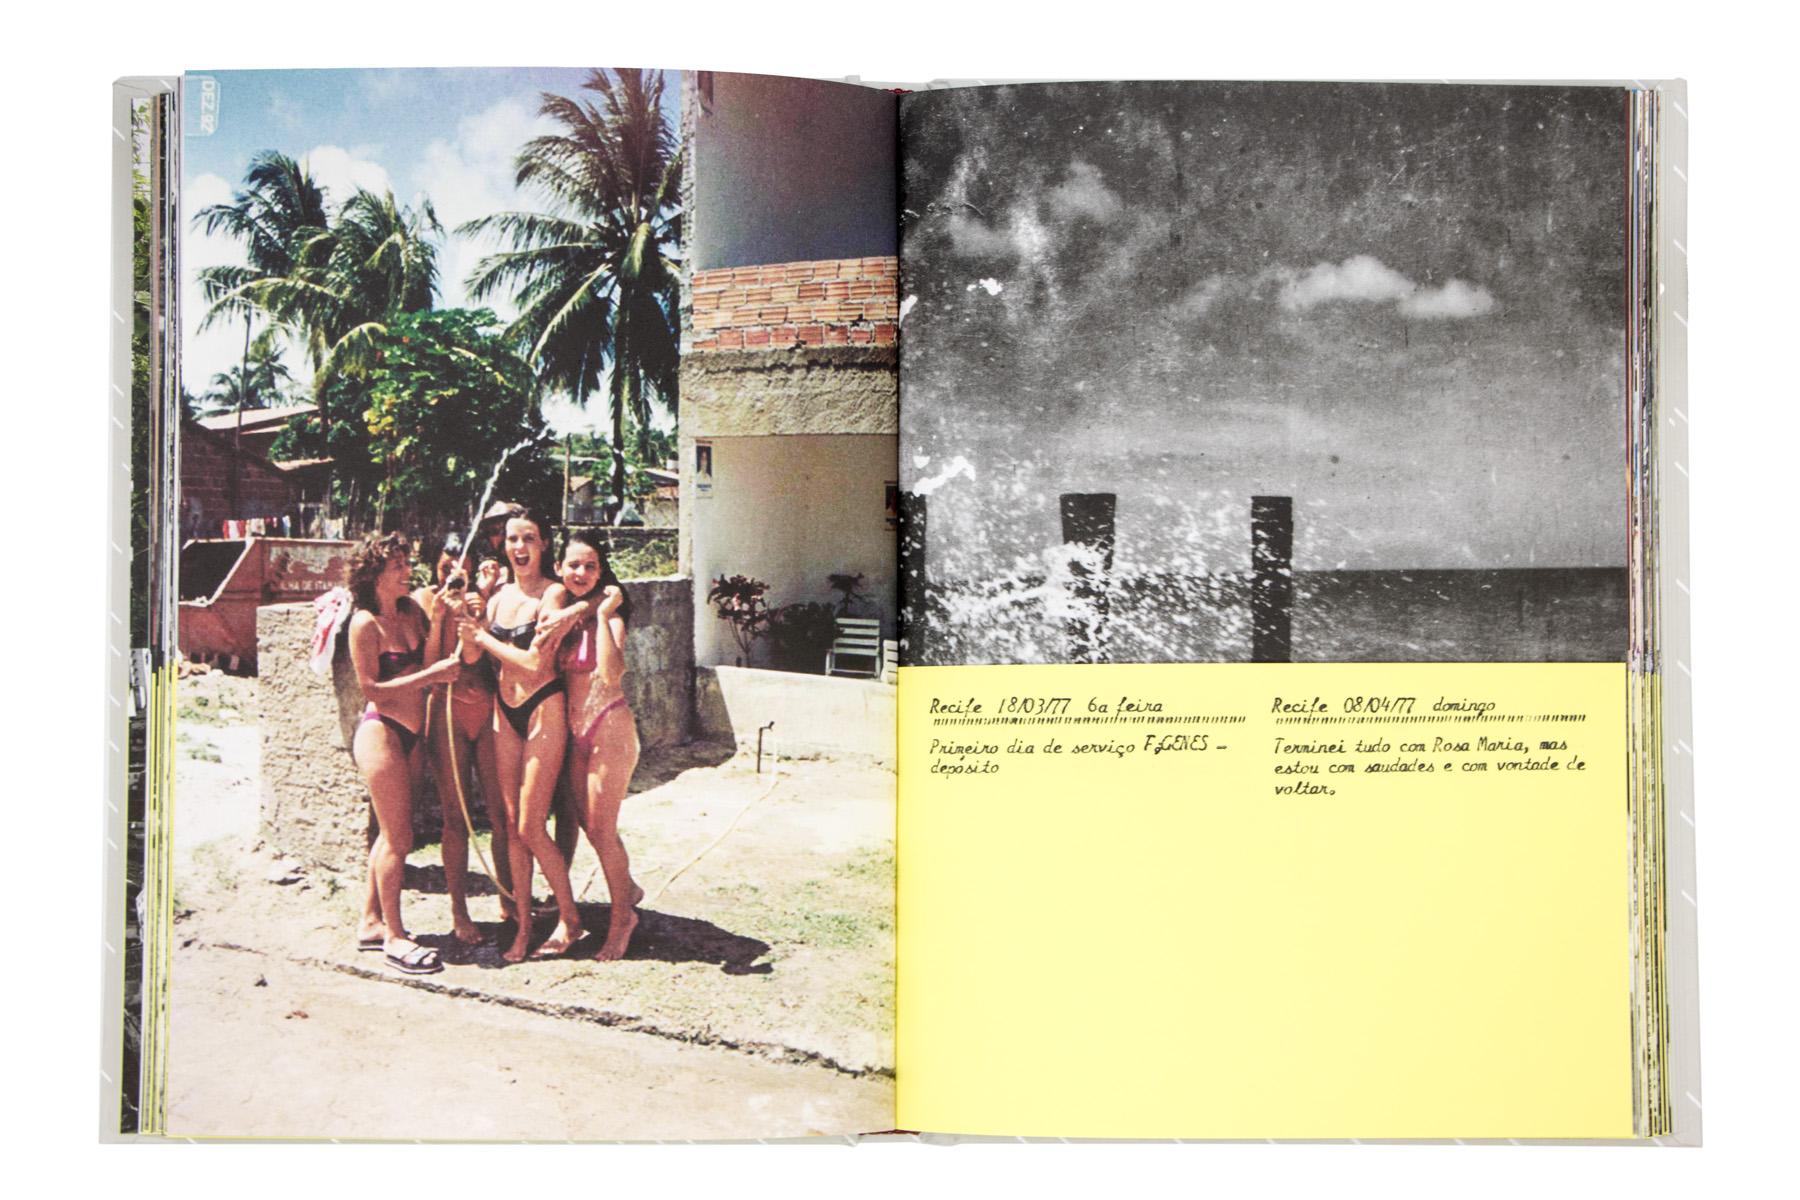 Recife 8/04/77 domingo Terminei tudo com Rosa Maria, mas estou com saudades e vontade de voltar.